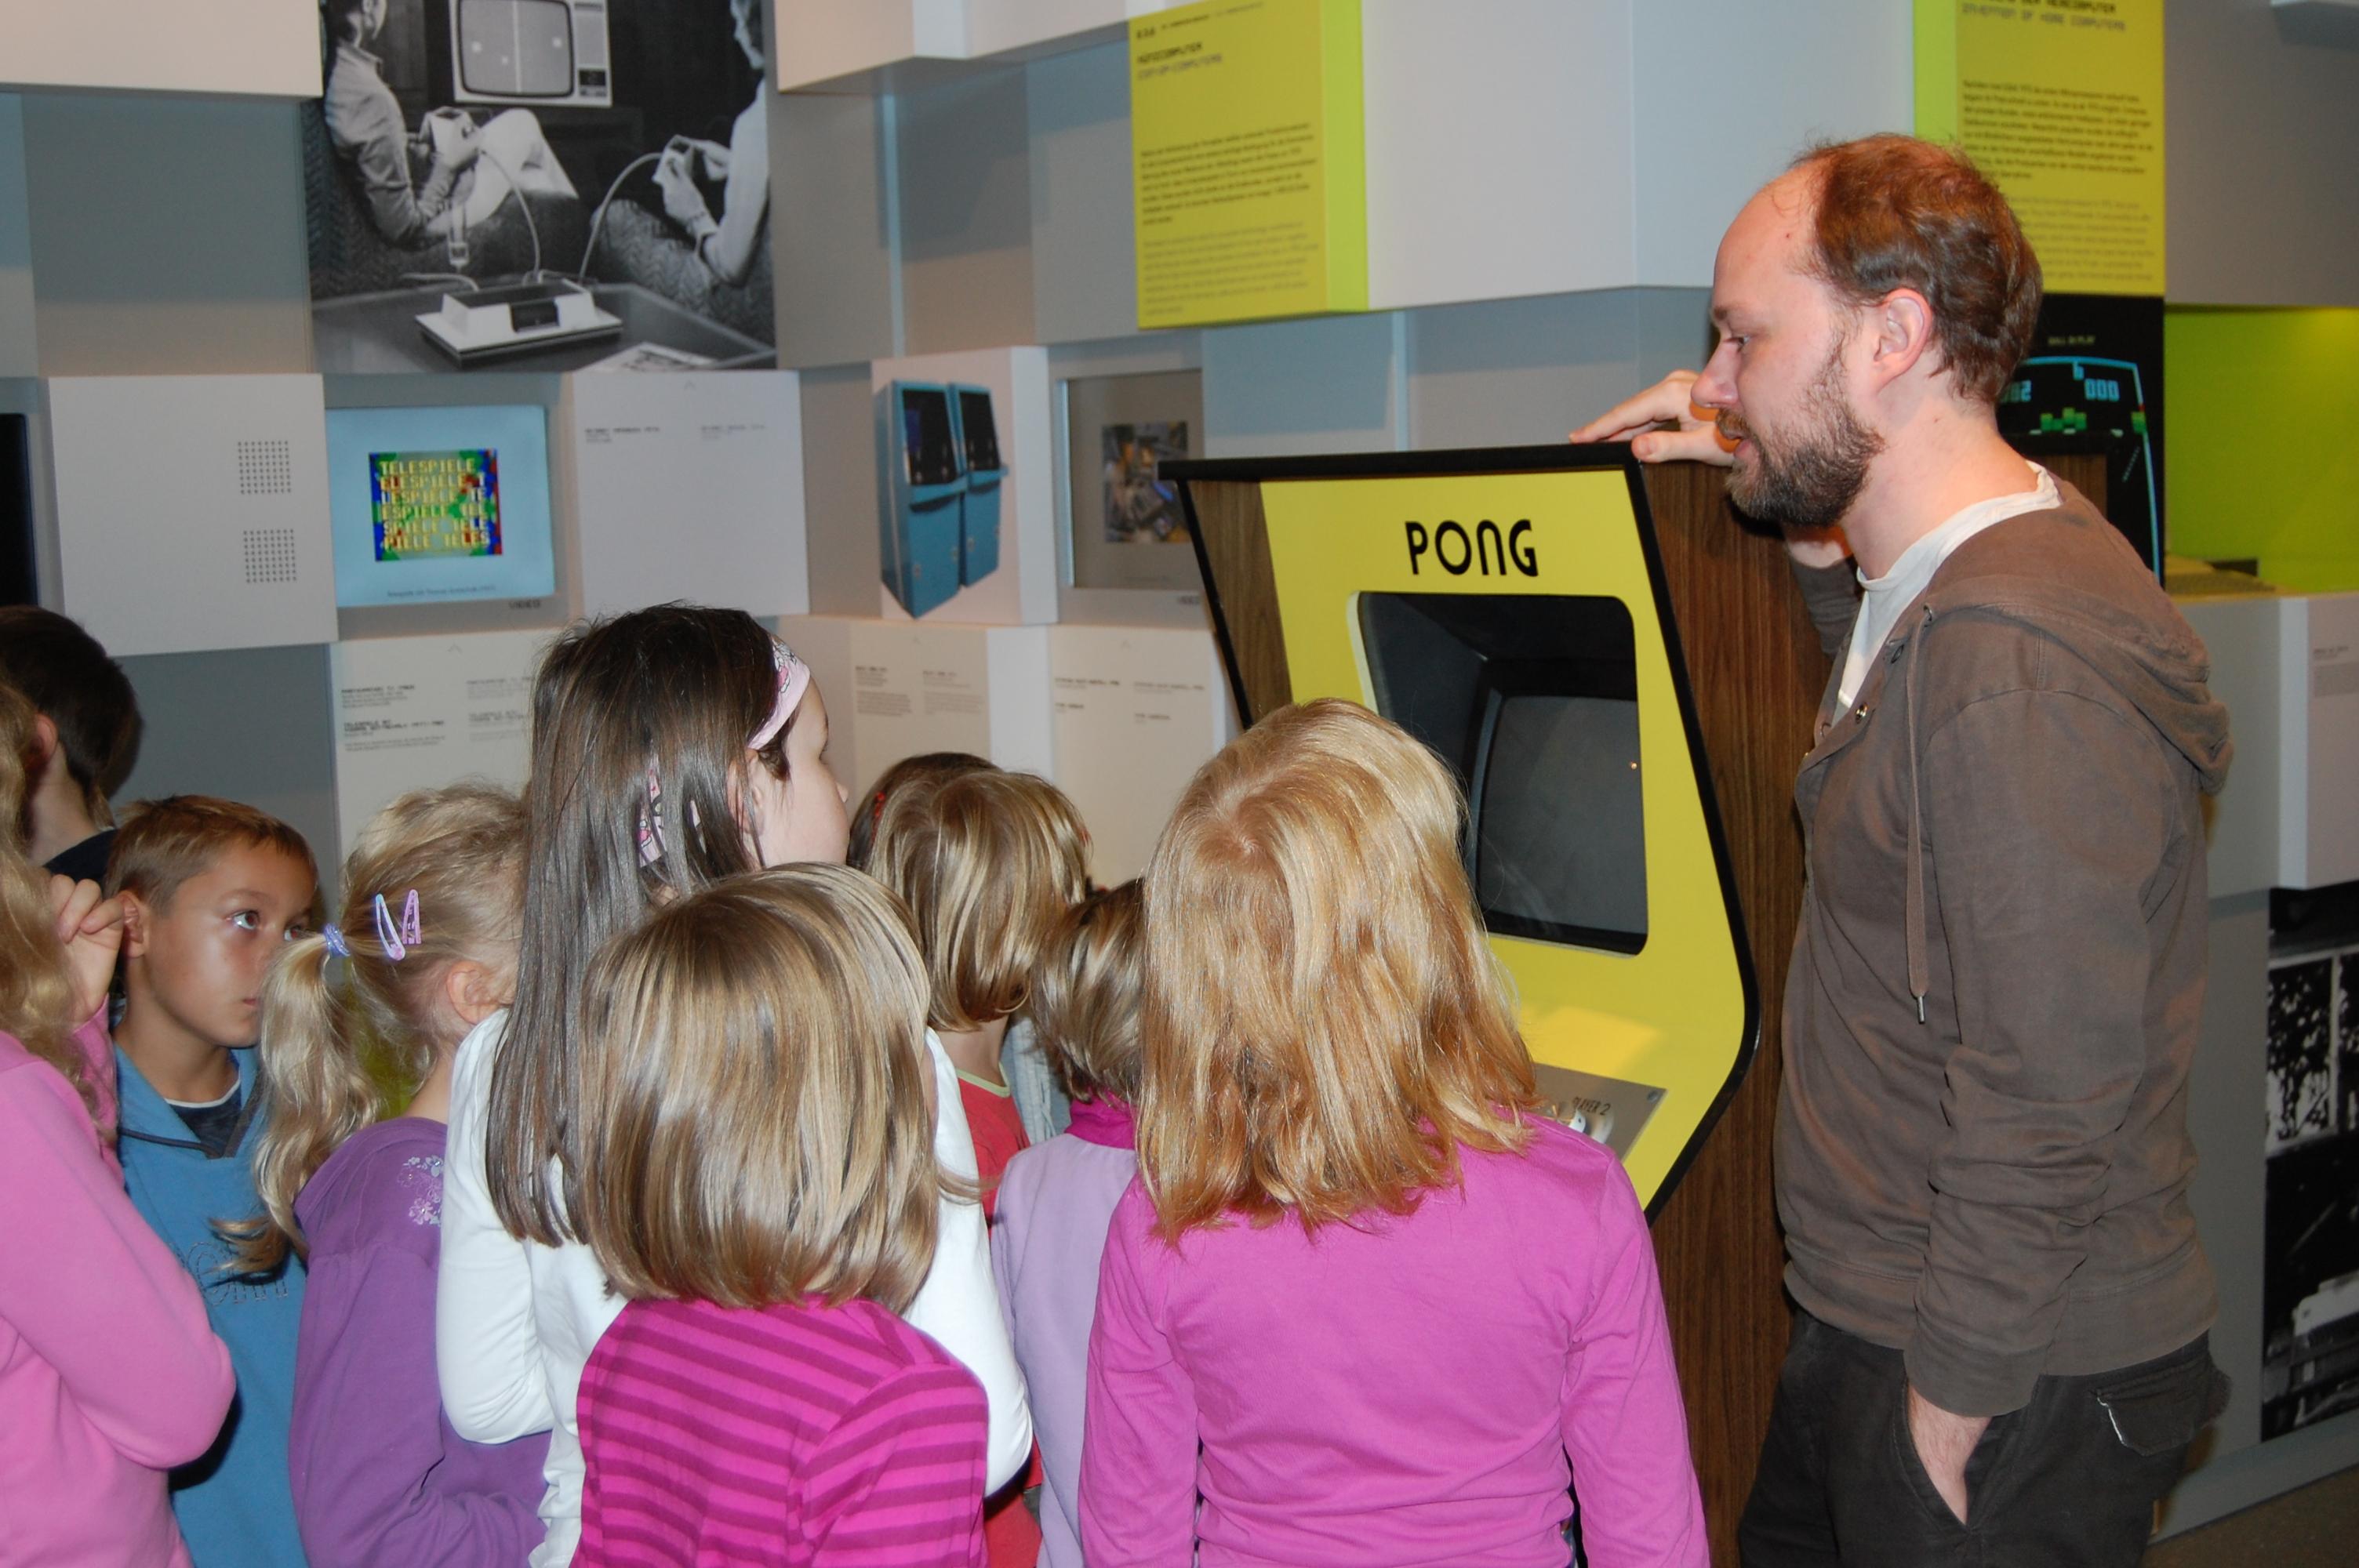 ➤ Computerspielemuseum 10243 Berlin-Friedrichshain